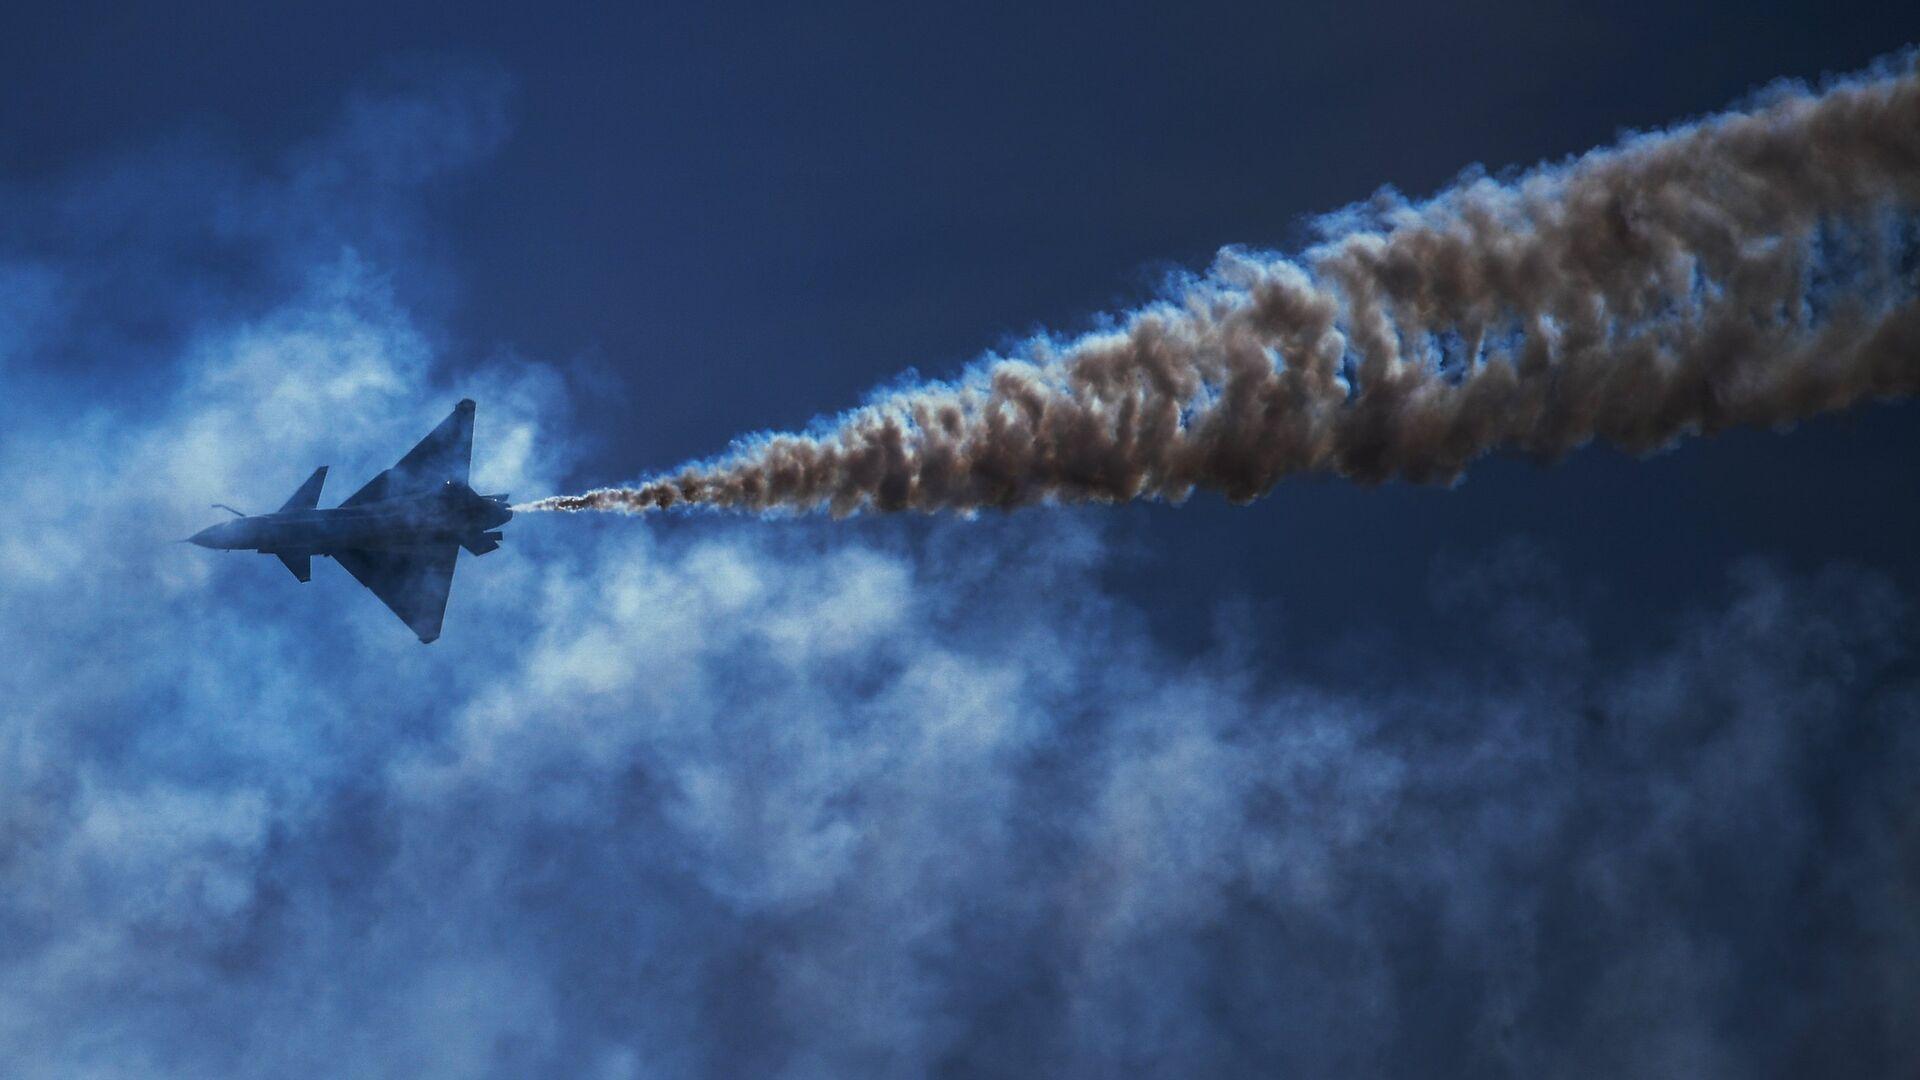 Истребитель, архивное фото - Sputnik Таджикистан, 1920, 20.02.2021